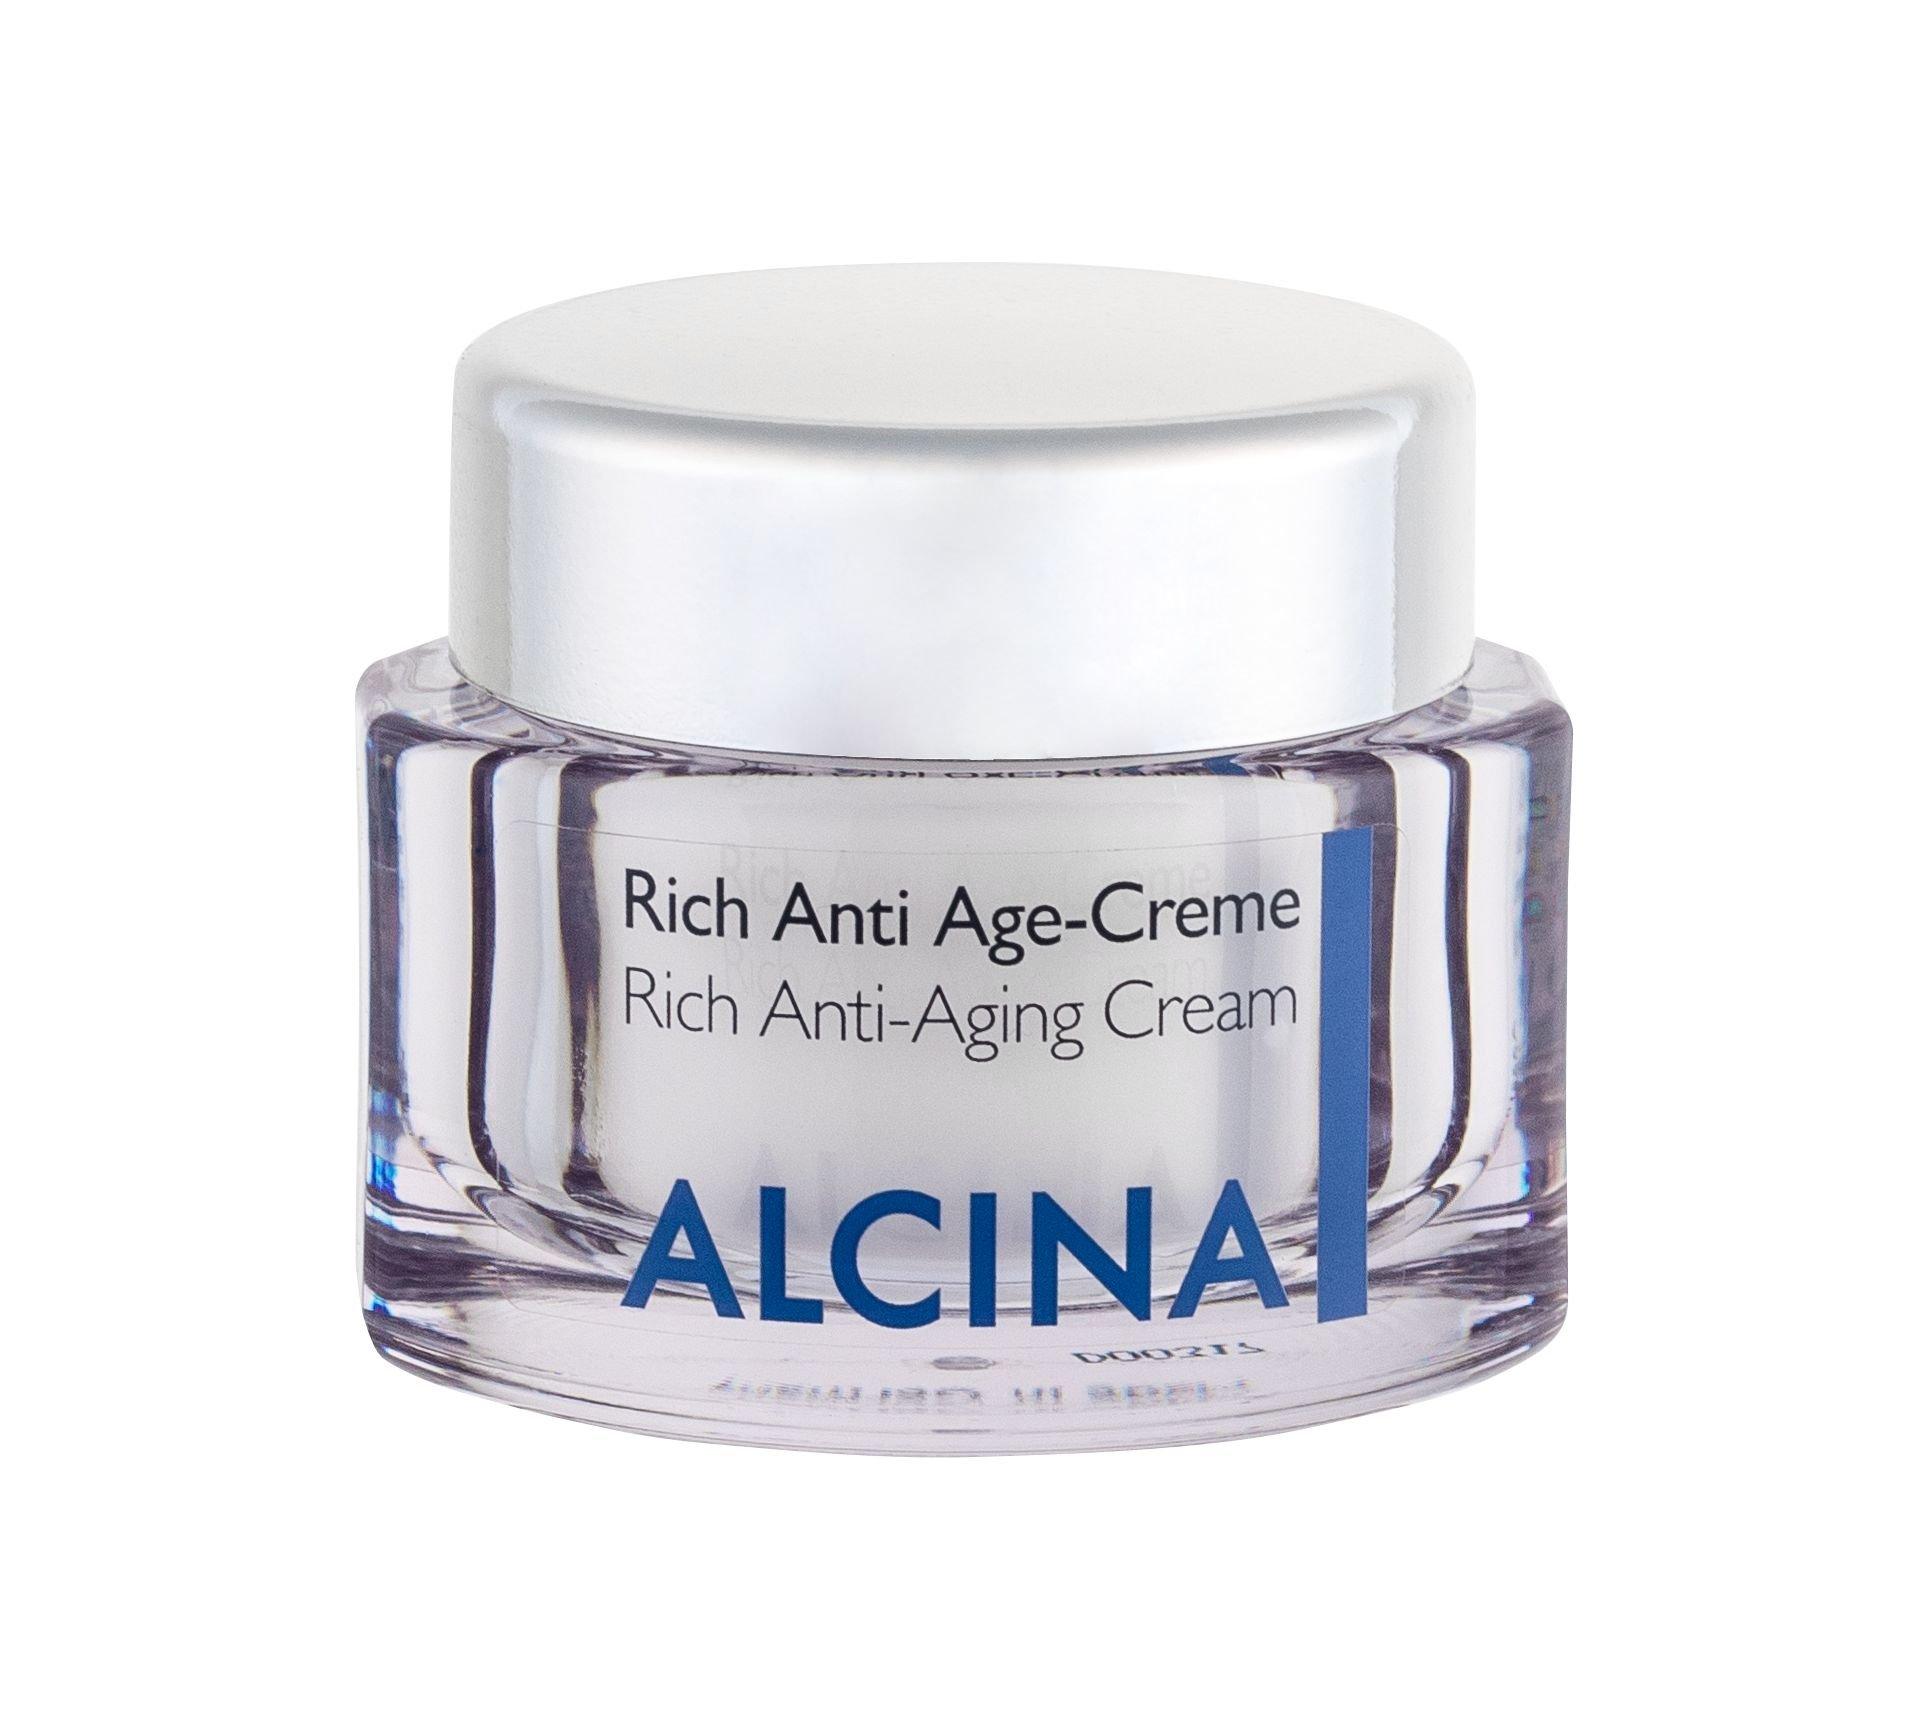 ALCINA Rich Anti-Aging Cream Day Cream 50ml